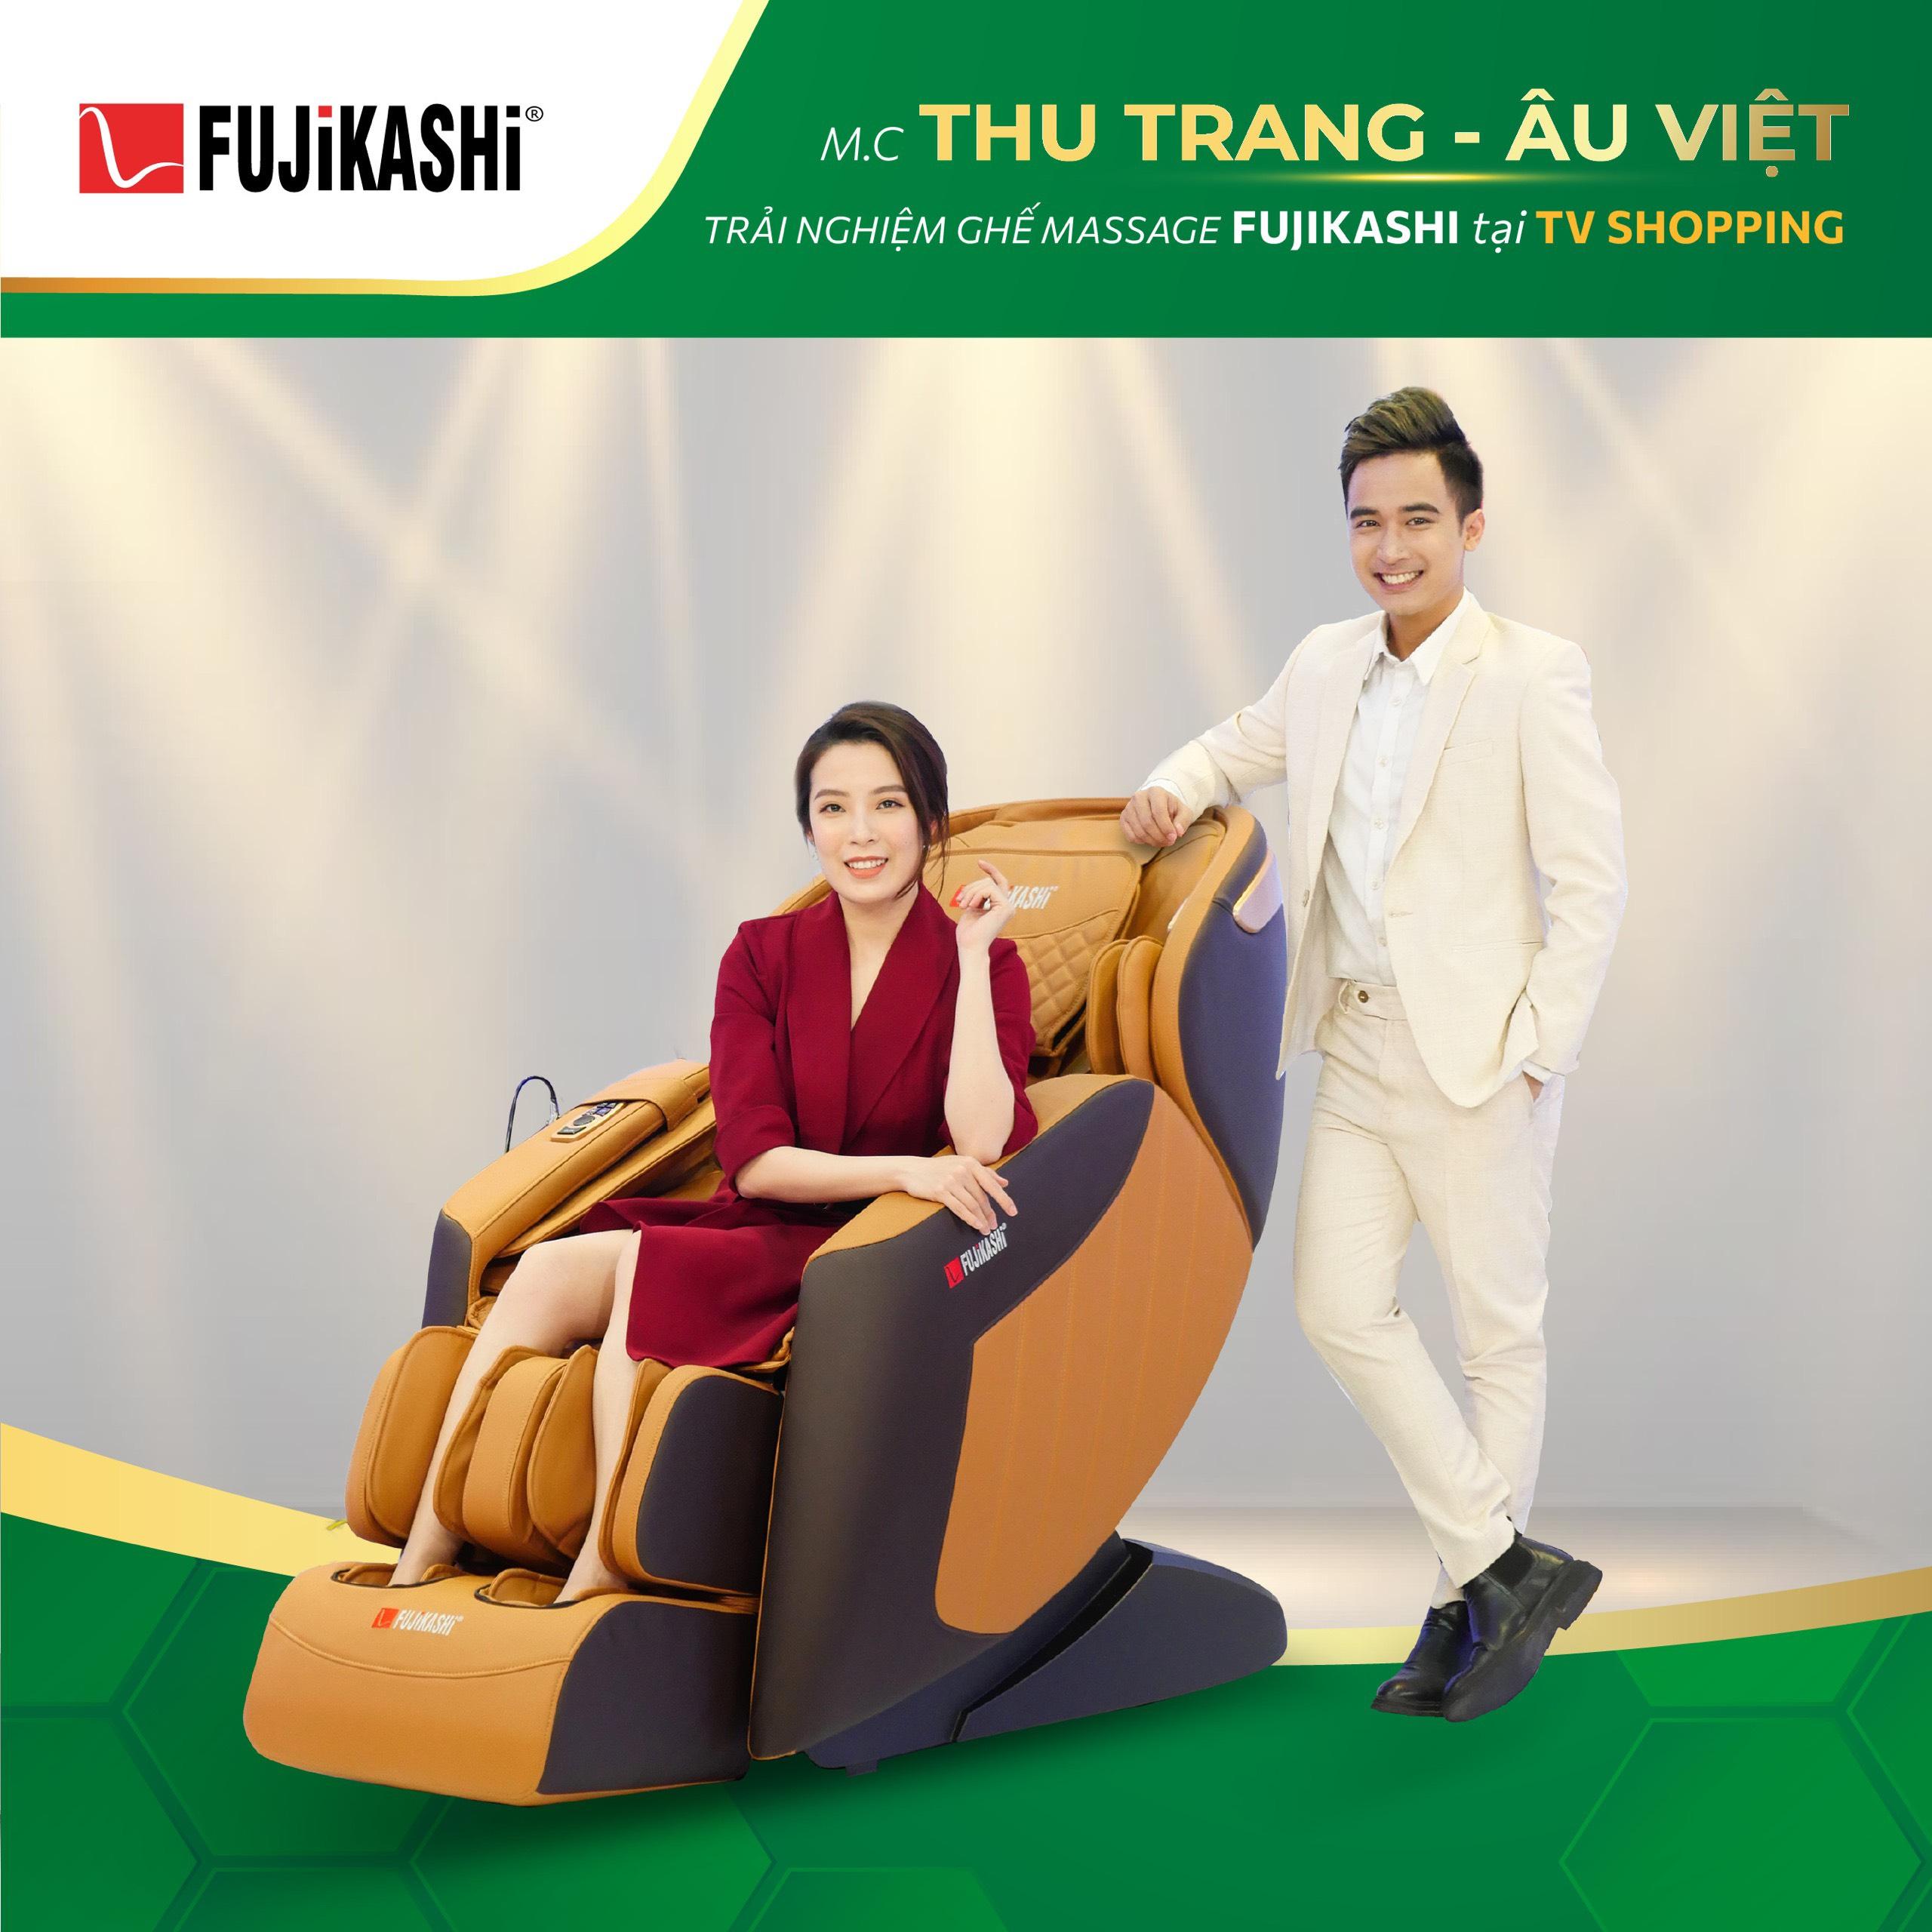 Chia sẻ kinh nghiệm mua ghế massage toàn thân loại tốt nhất